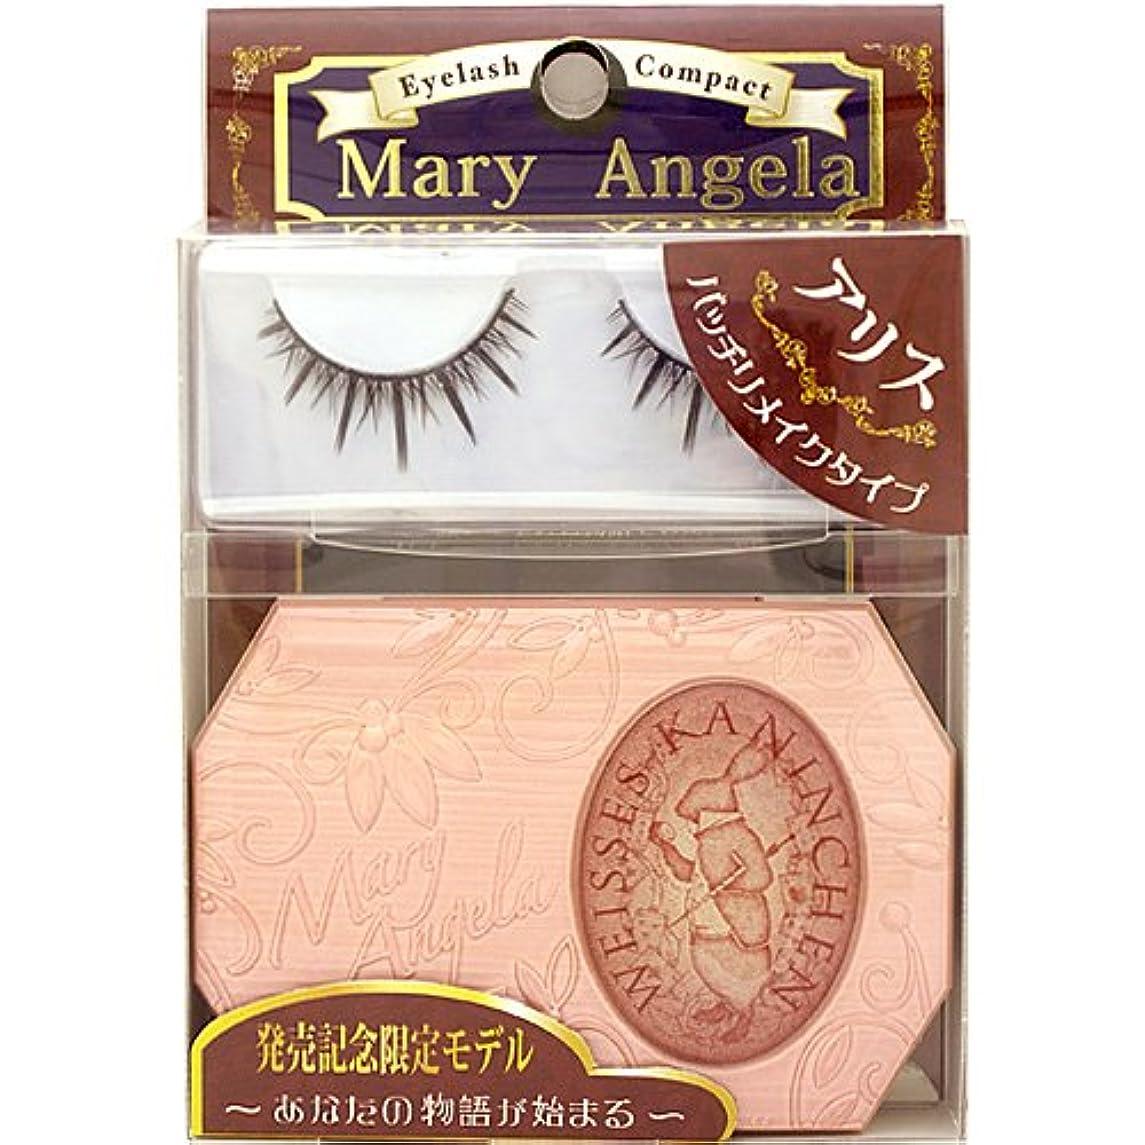 MILCA ミルカ MaryAngela マリーアンジェラ つけまつげ&つけまつげケース アリス